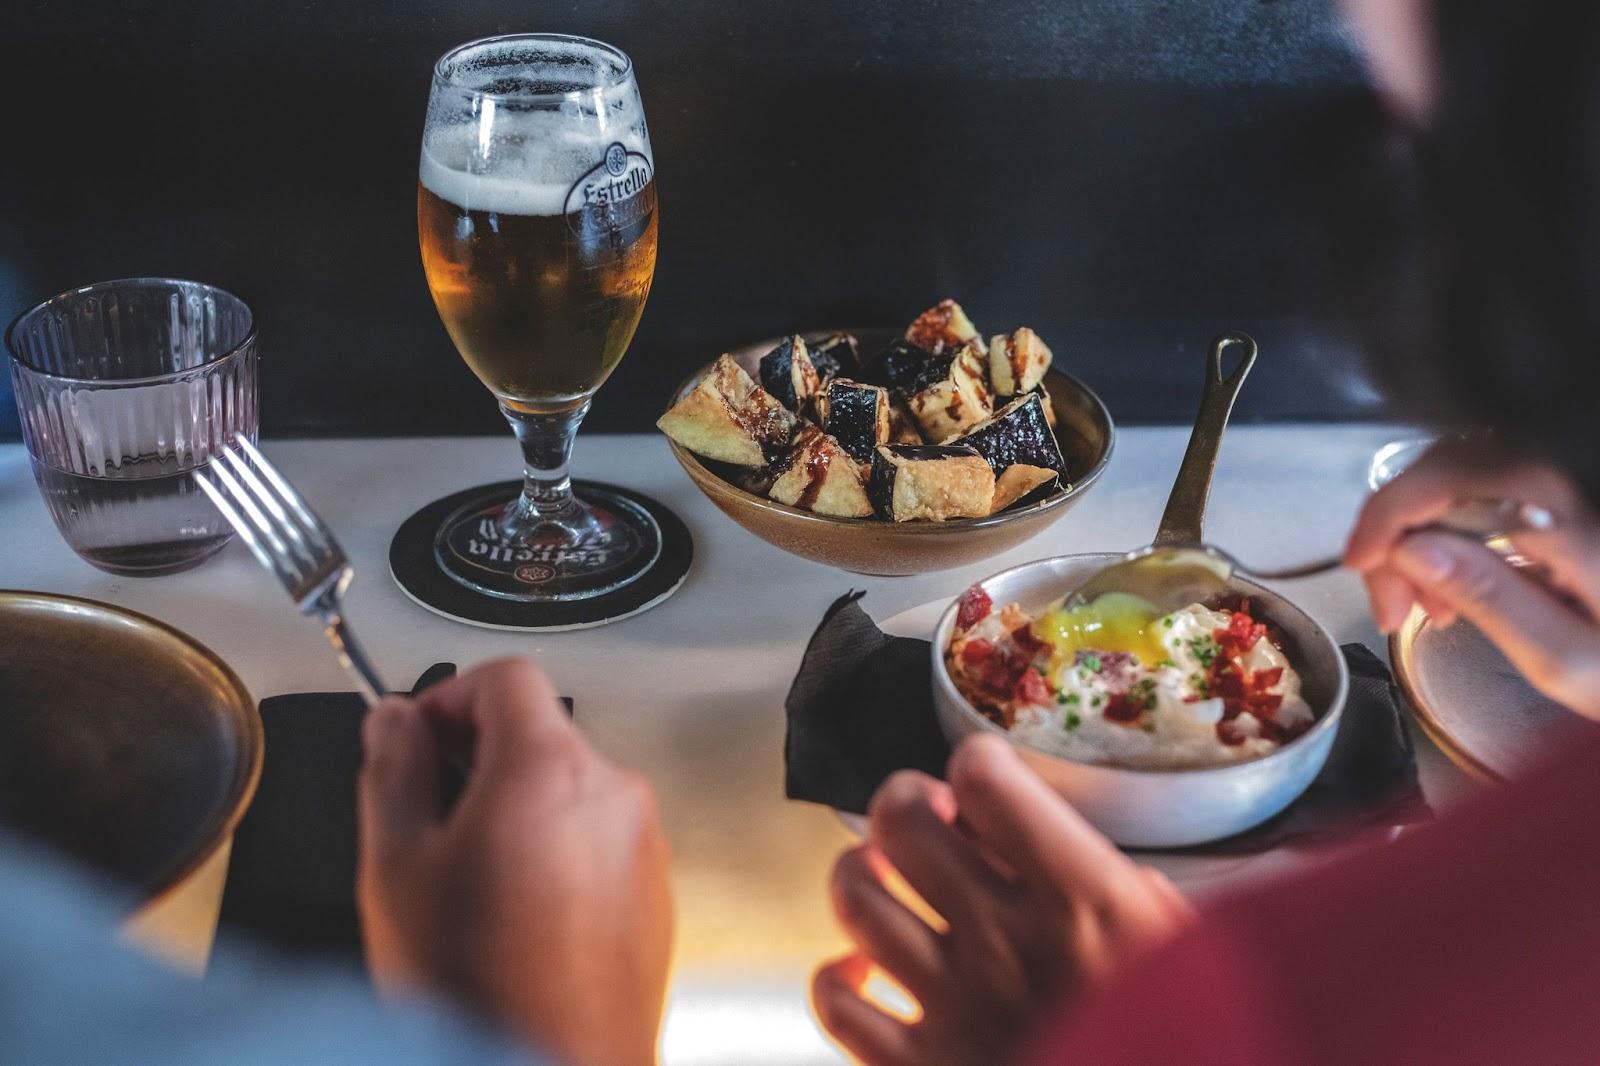 La Gastronomica in Barcelona